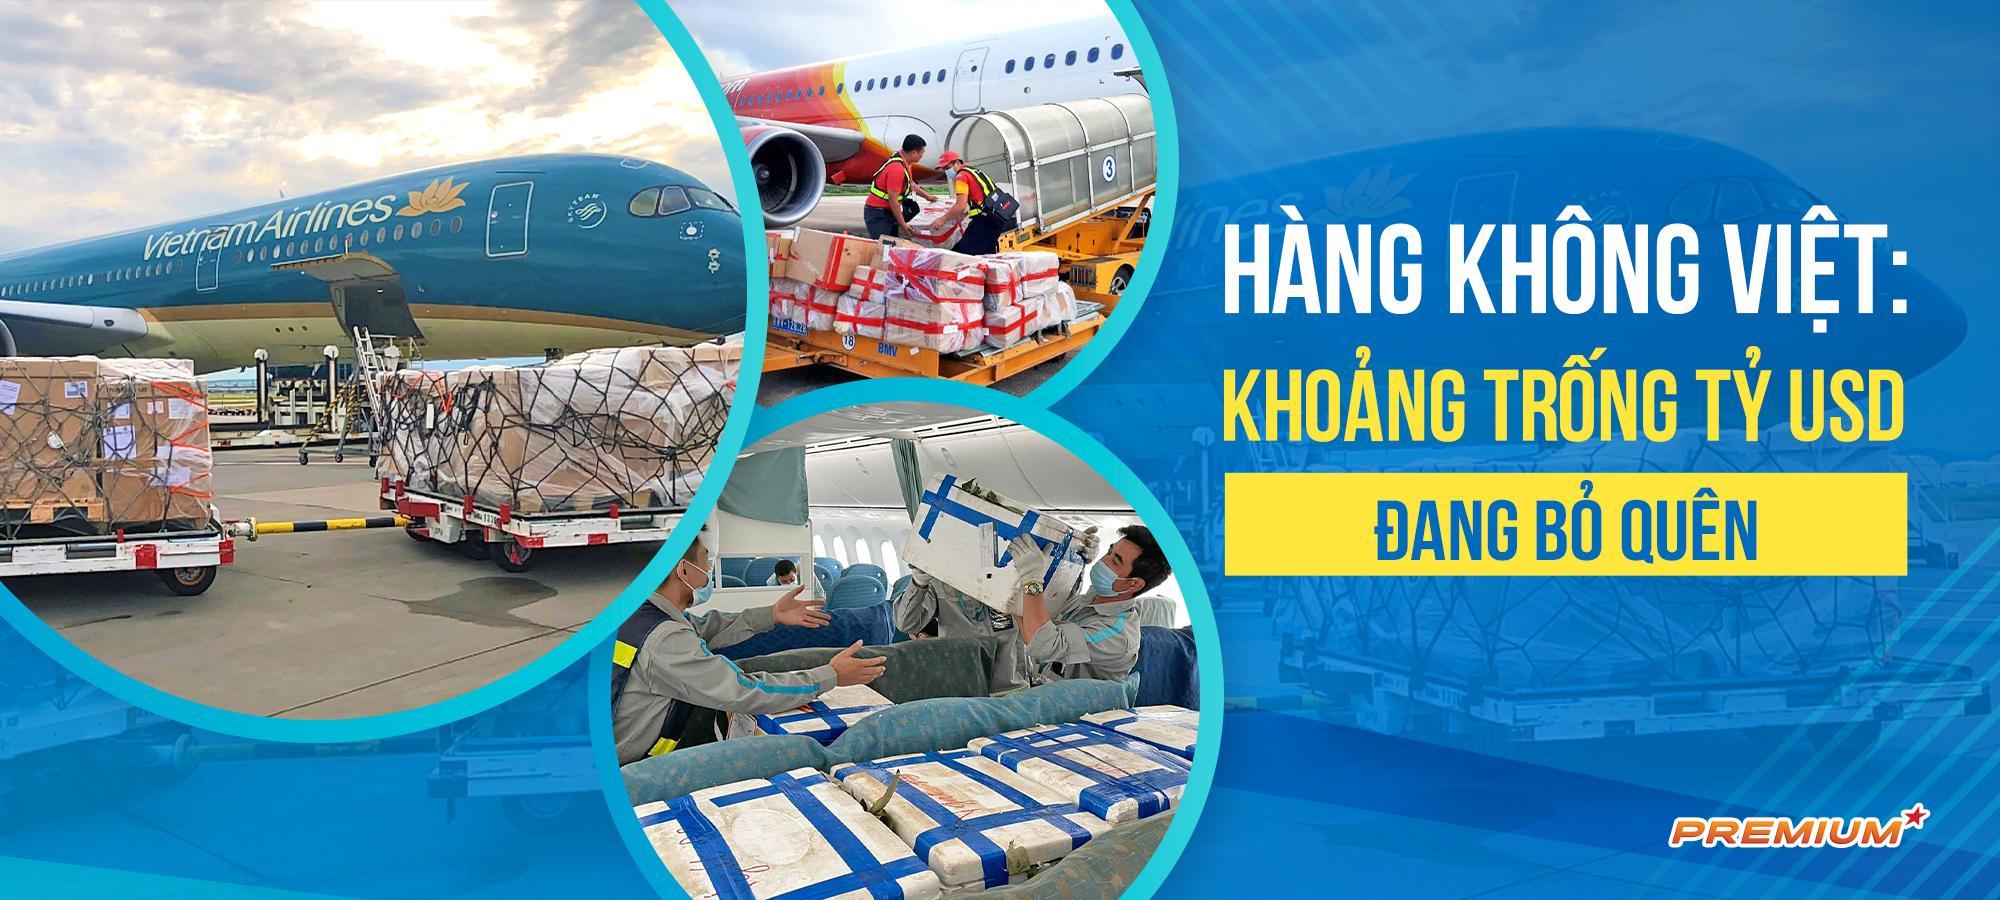 Hàng không Việt: Khoảng trống tỷ USD đang bỏ quên